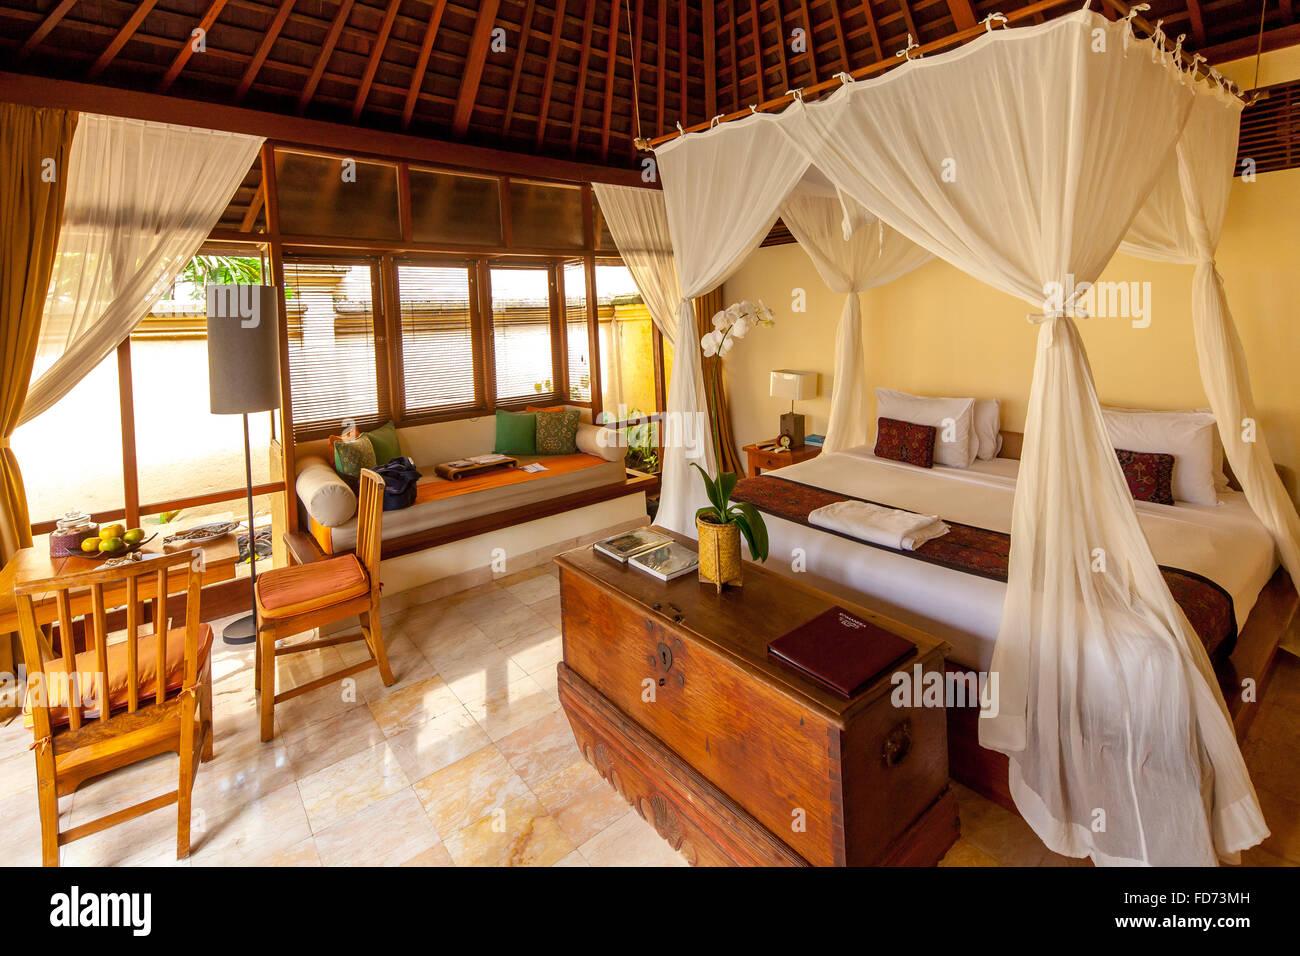 Chambres avec lit à baldaquin, tourisme, Voyage, Ubud, Bali, Indonésie, Asie Photo Stock